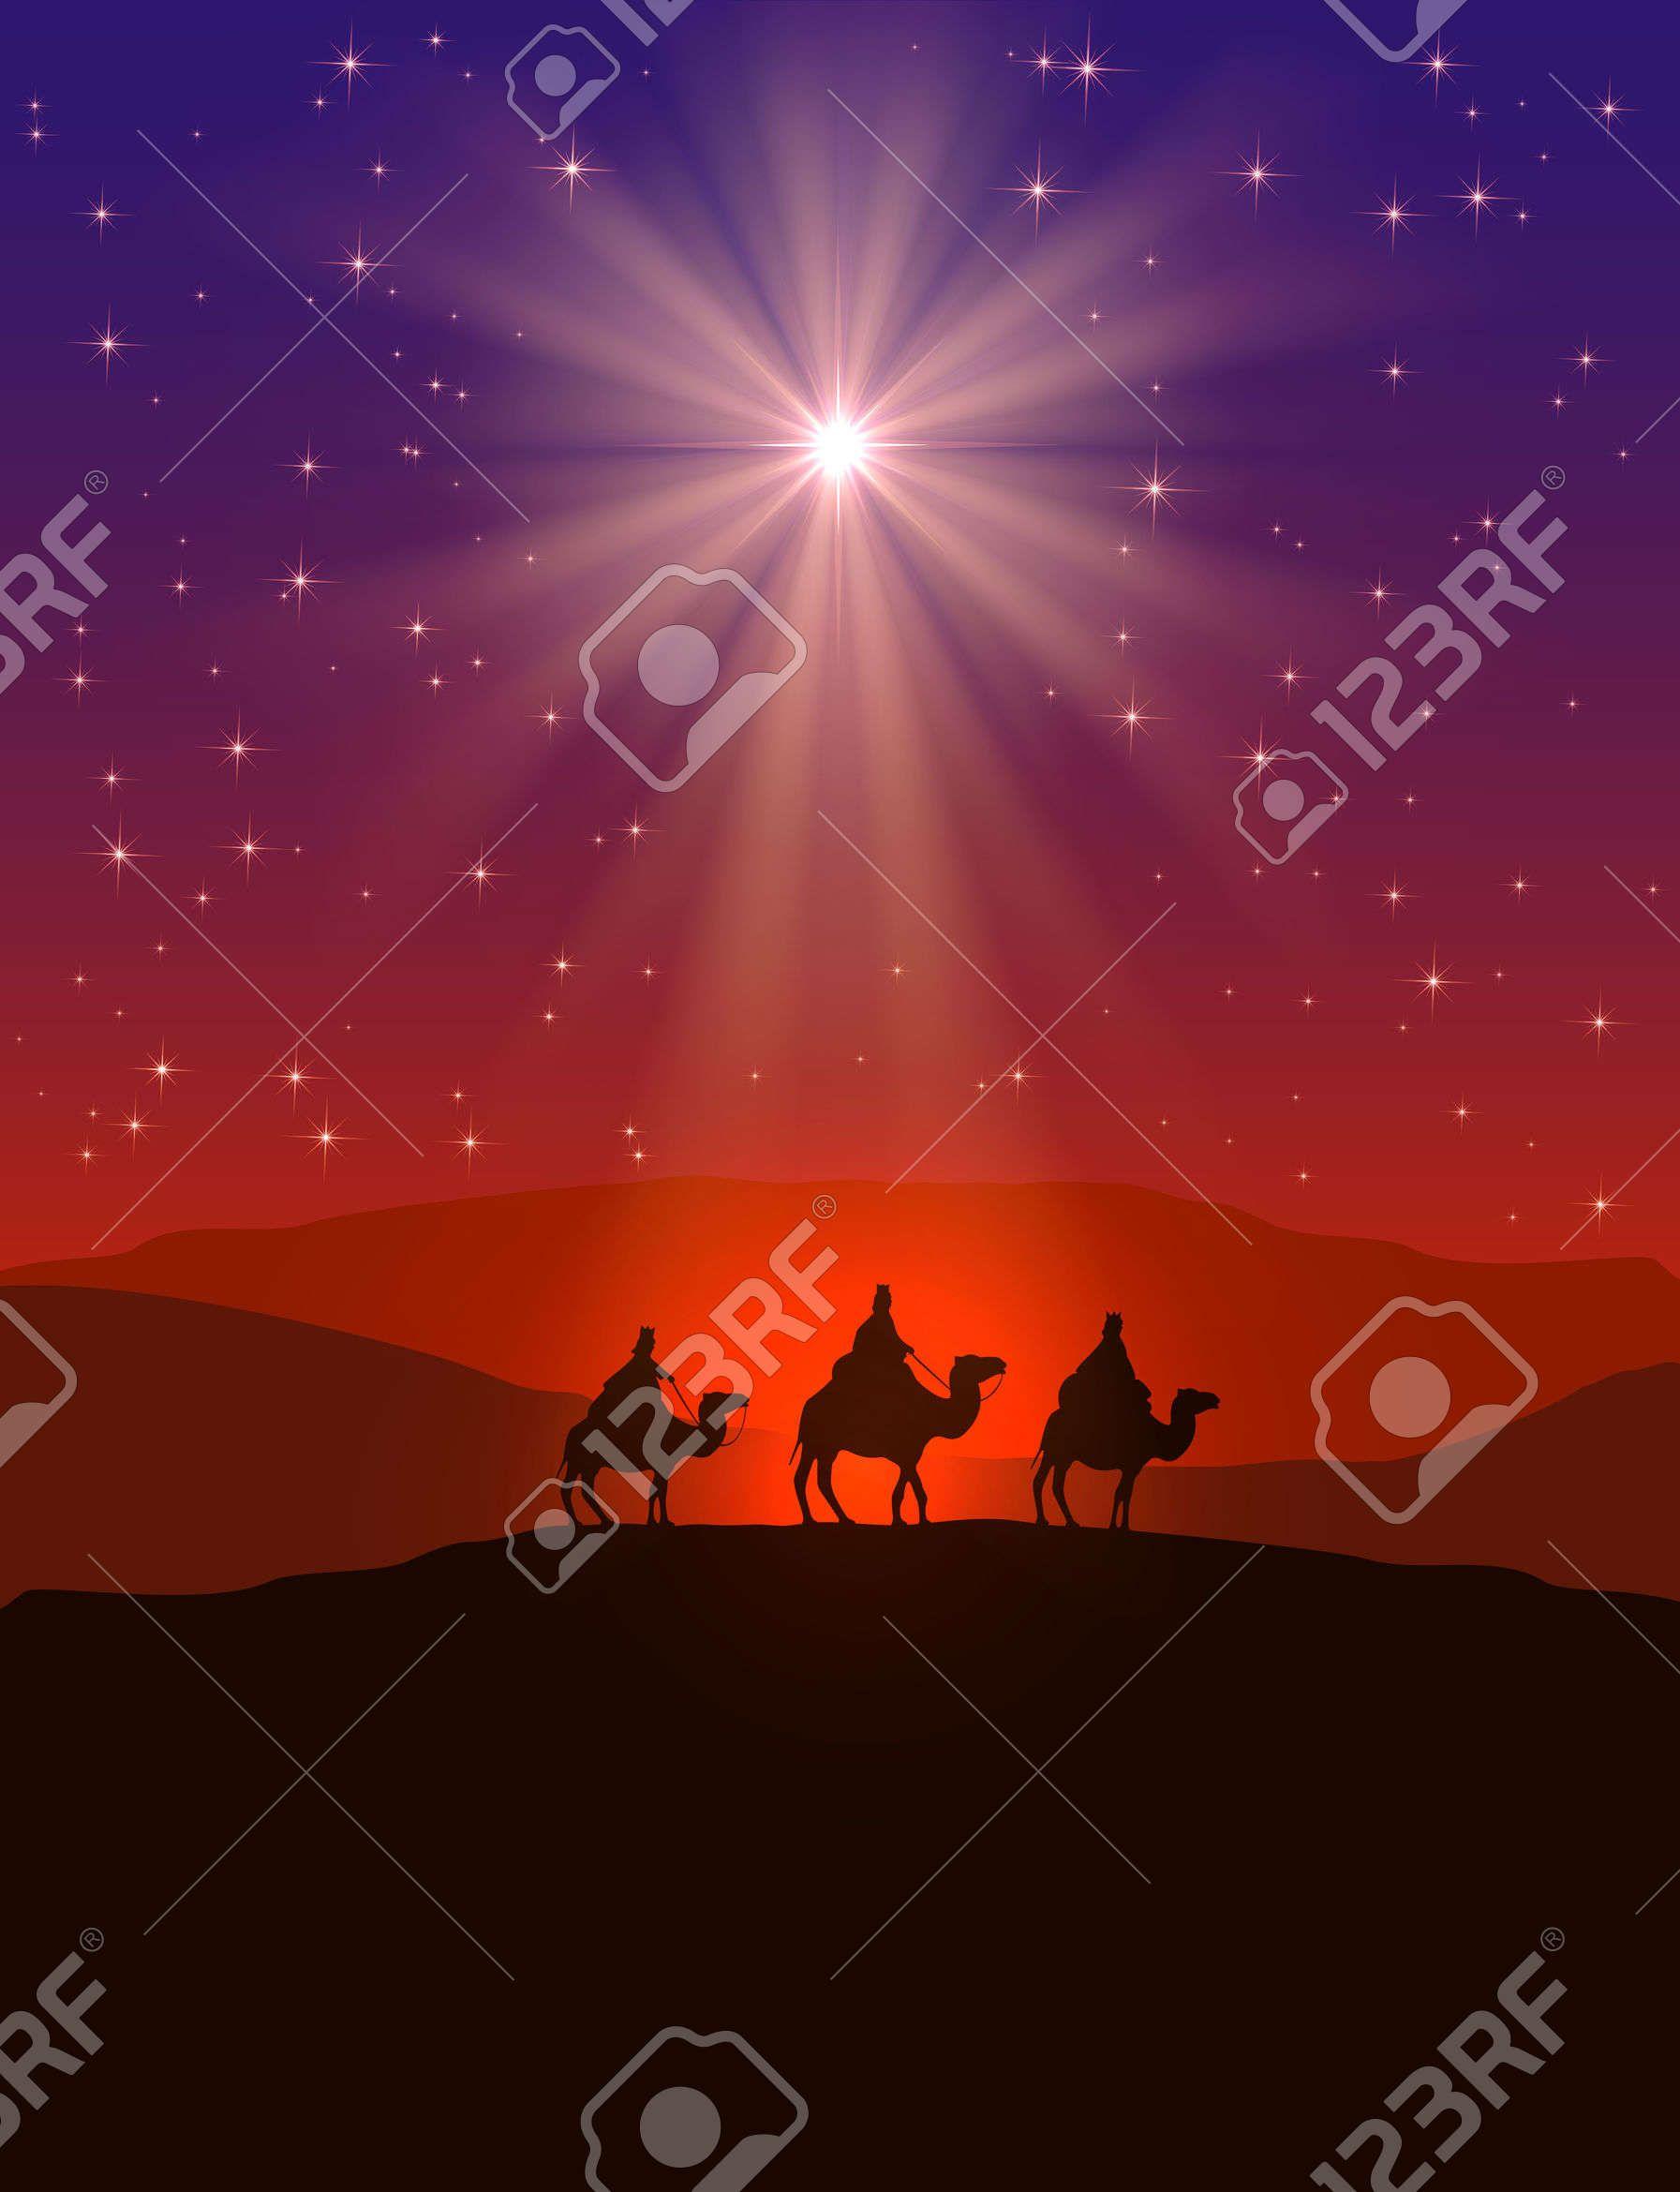 Fondo Cristiano De La Navidad Con La Estrella En El Cielo Nocturno Y ...